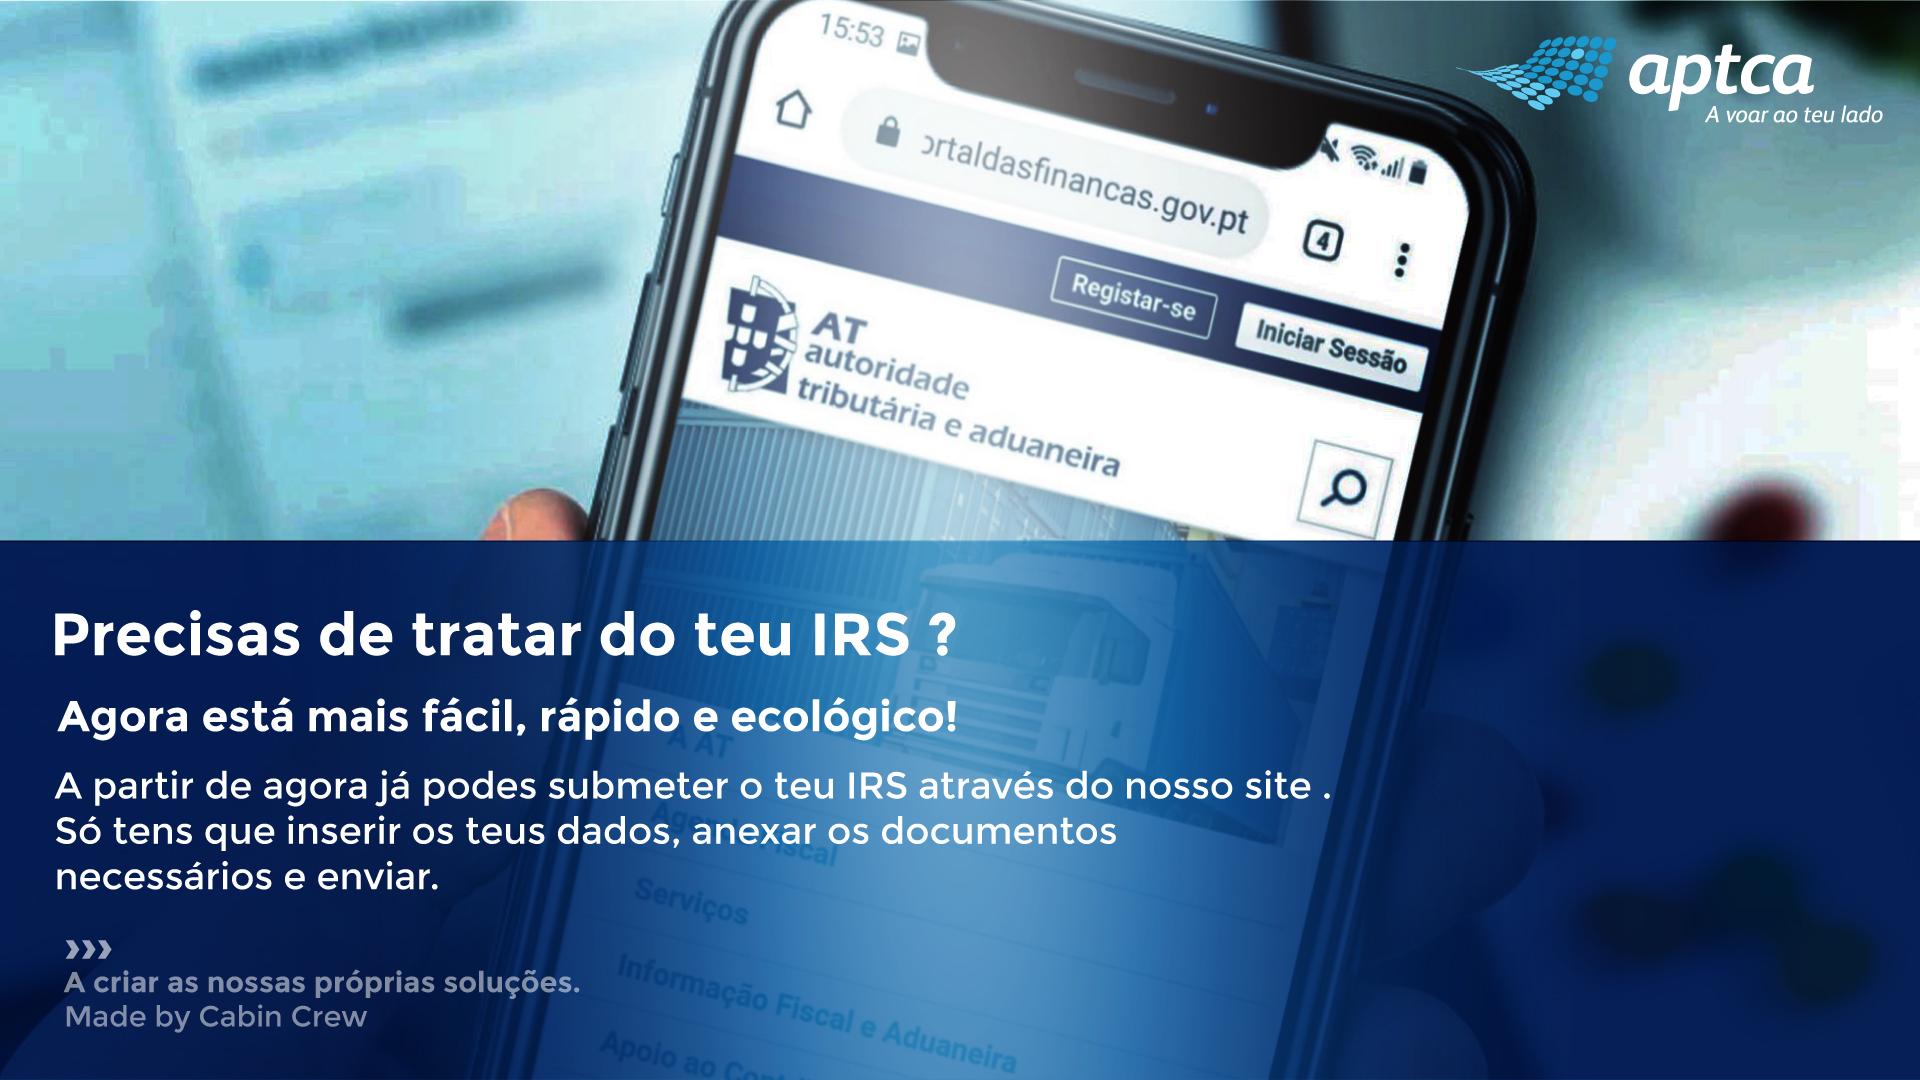 IRS_1920x1080